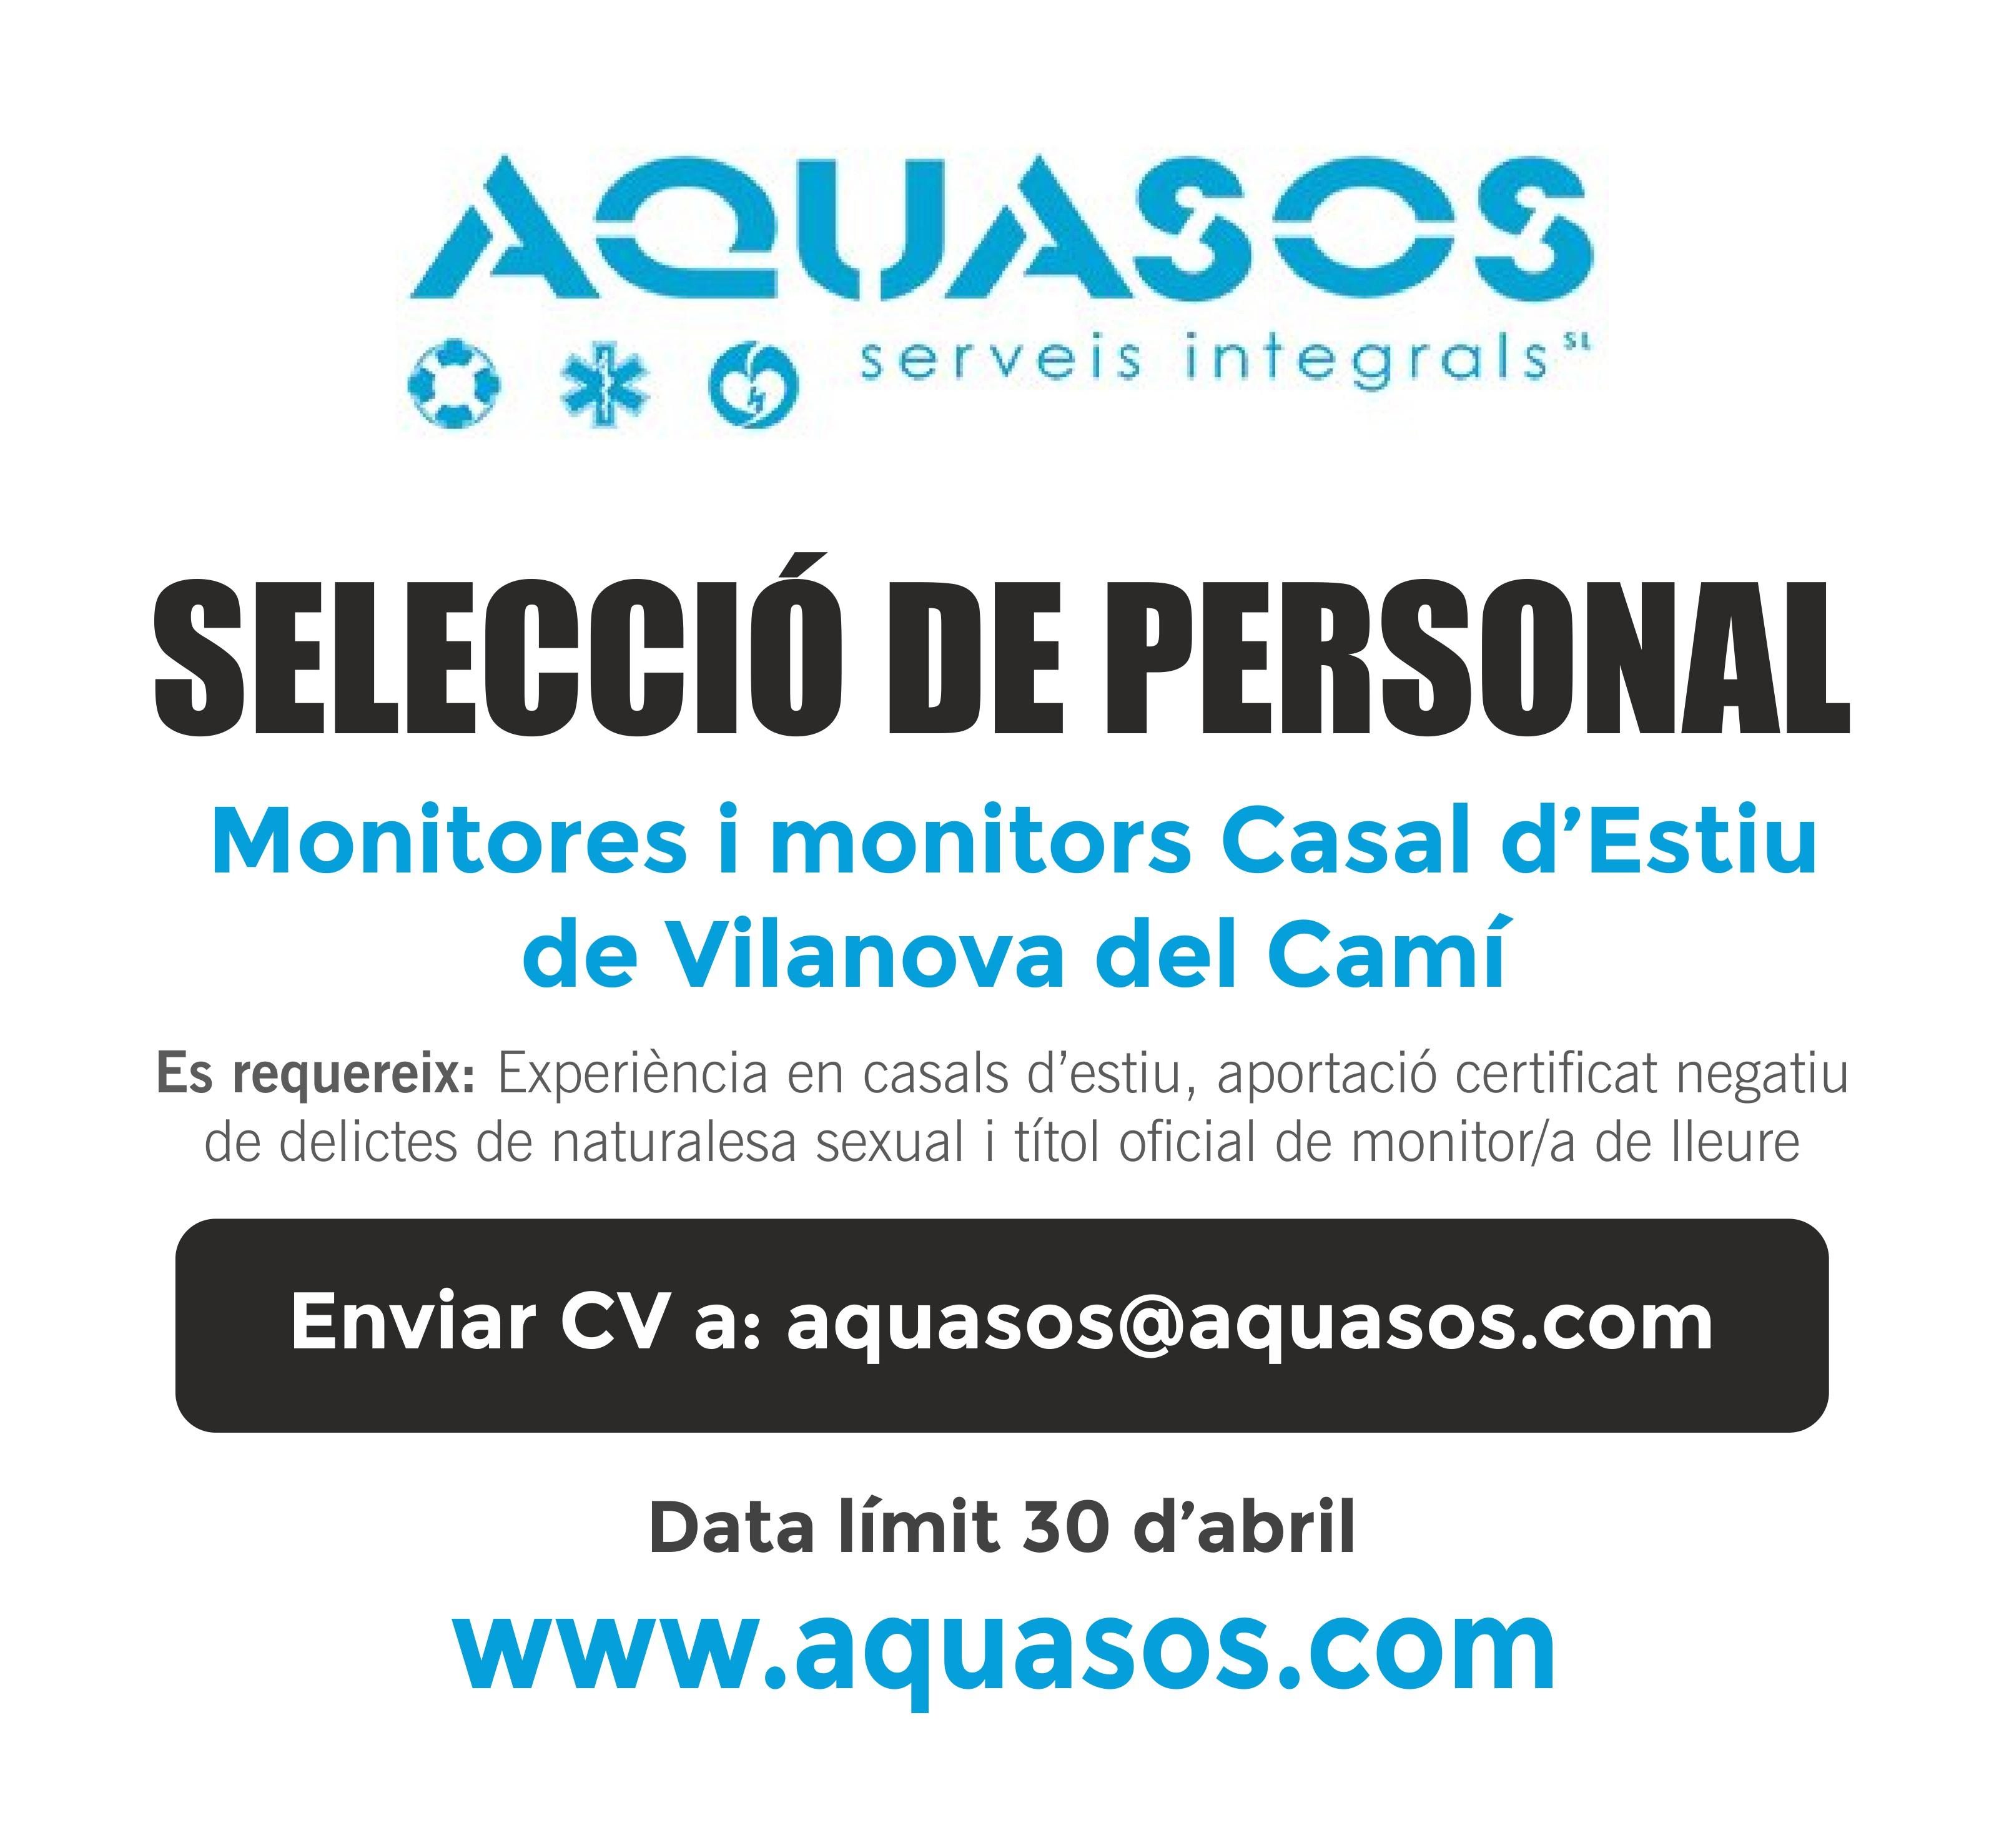 Busquem monitores i monitors per al Casal d'Estiu de Vilanova del Camí